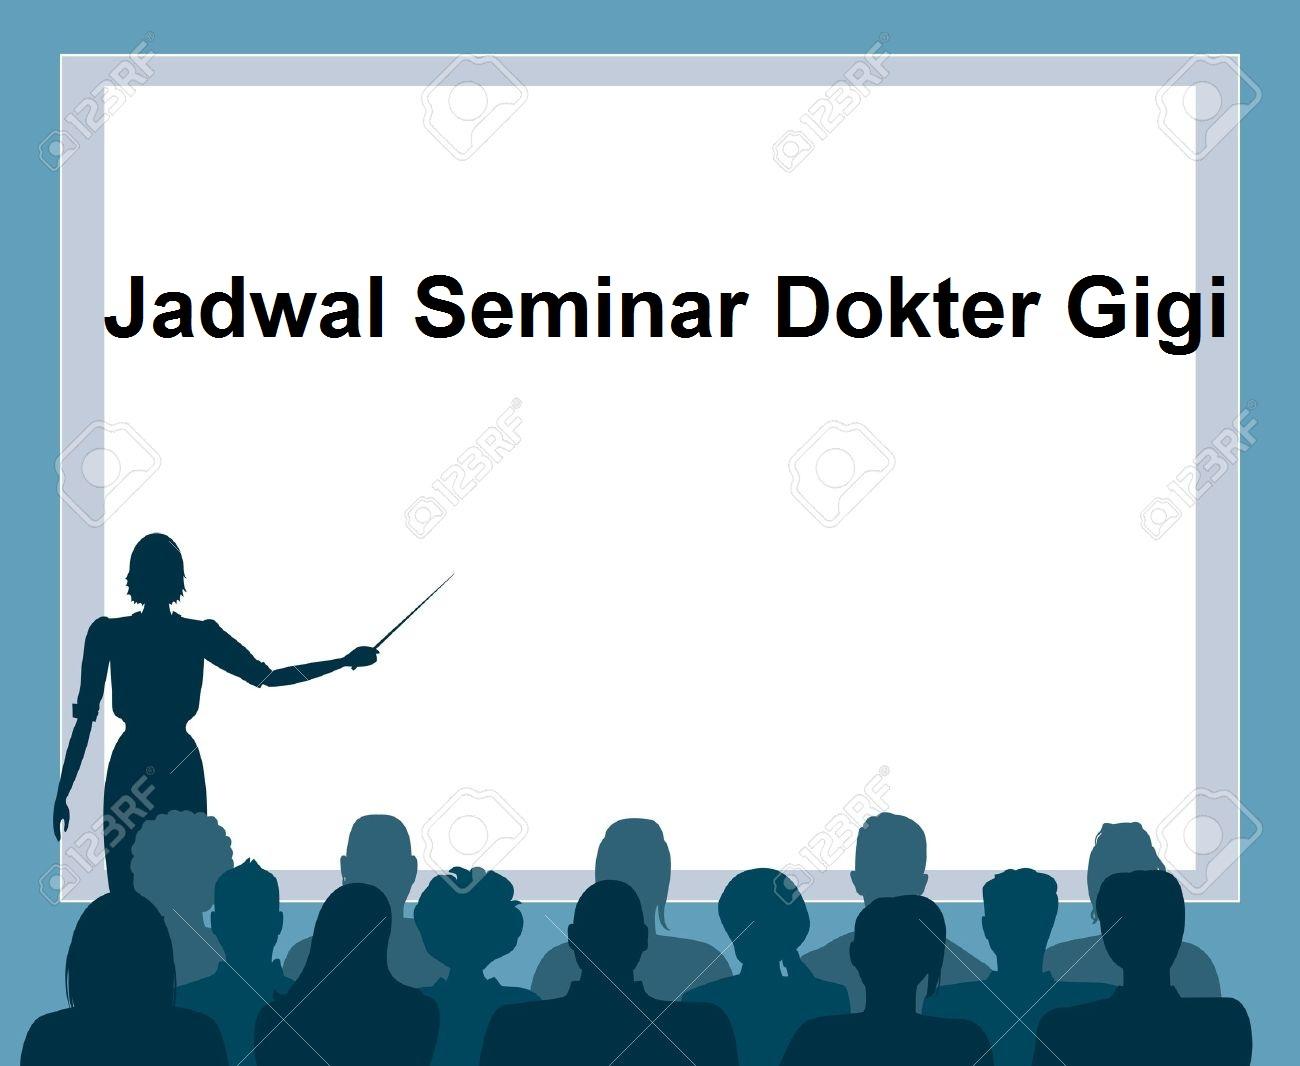 jadwal-seminar